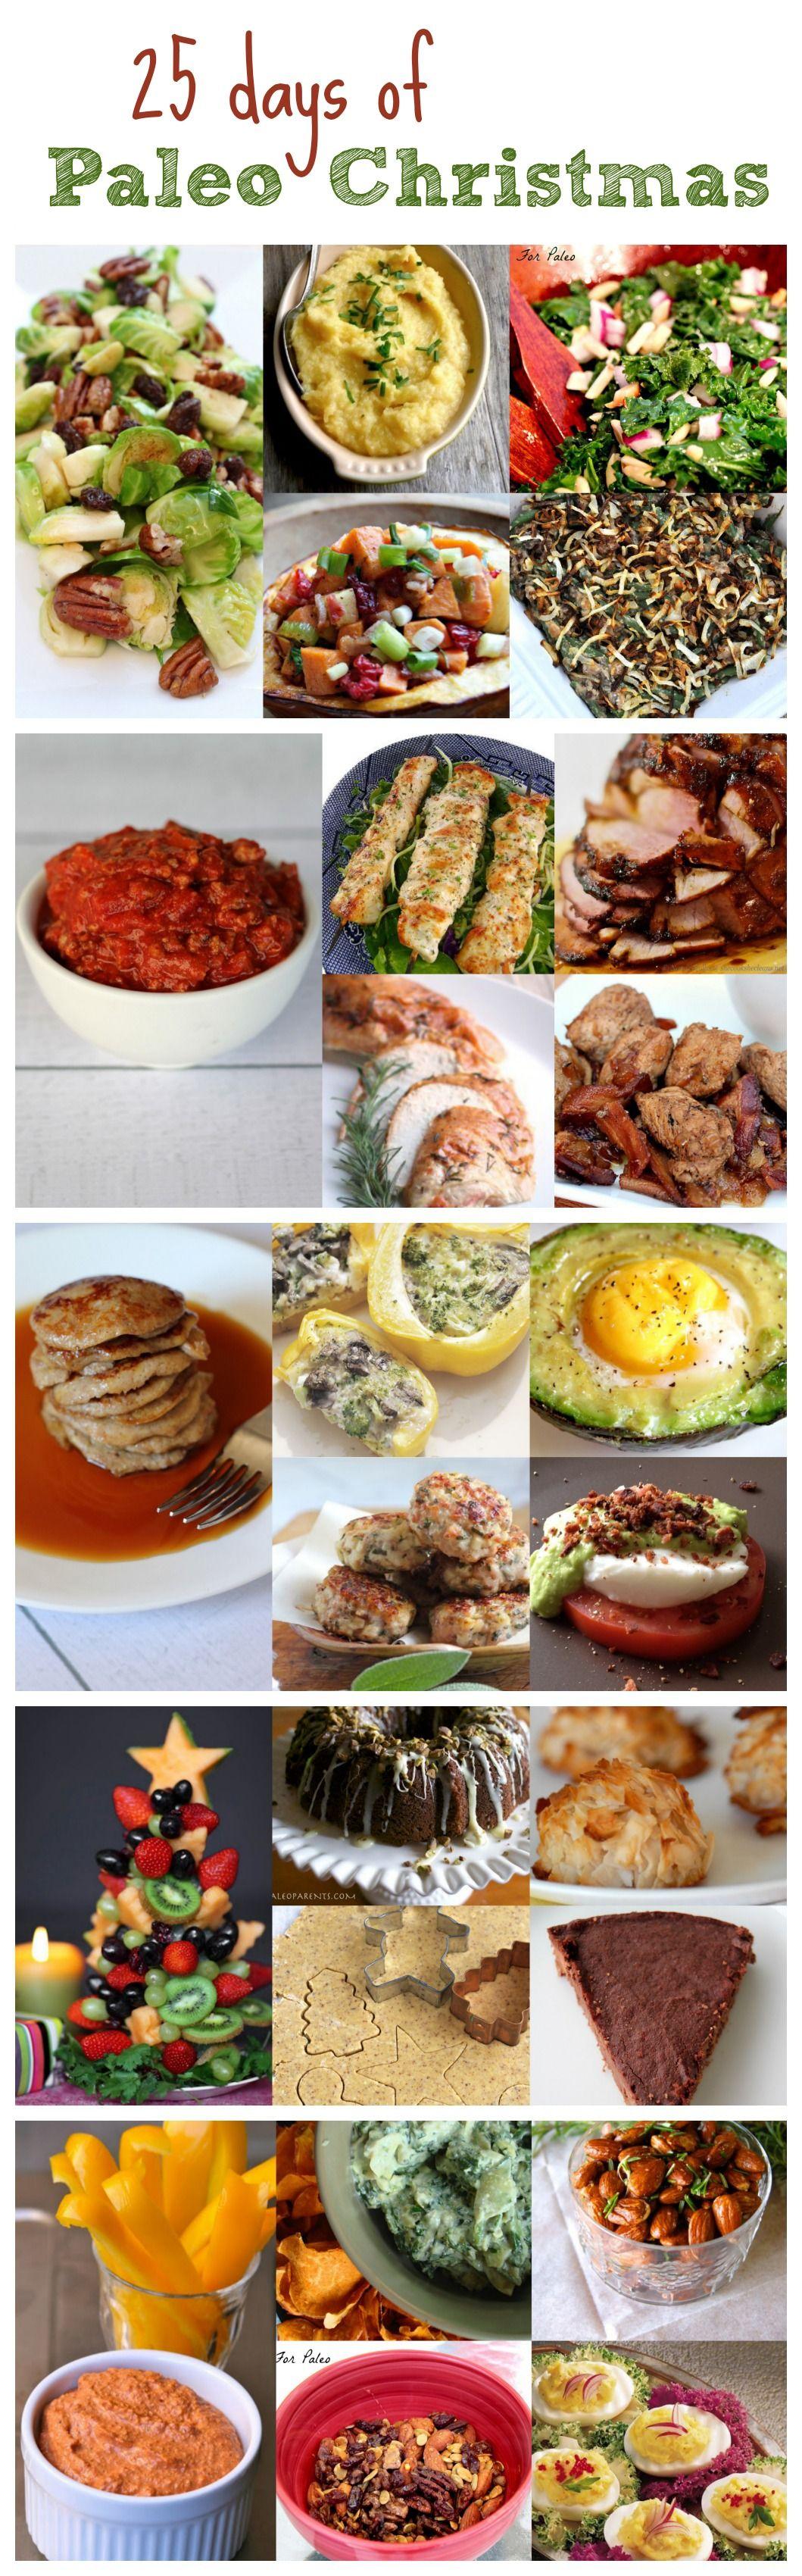 25 Days of Paleo Christmas Recipes | More Paleo recipes, Paleo and ...